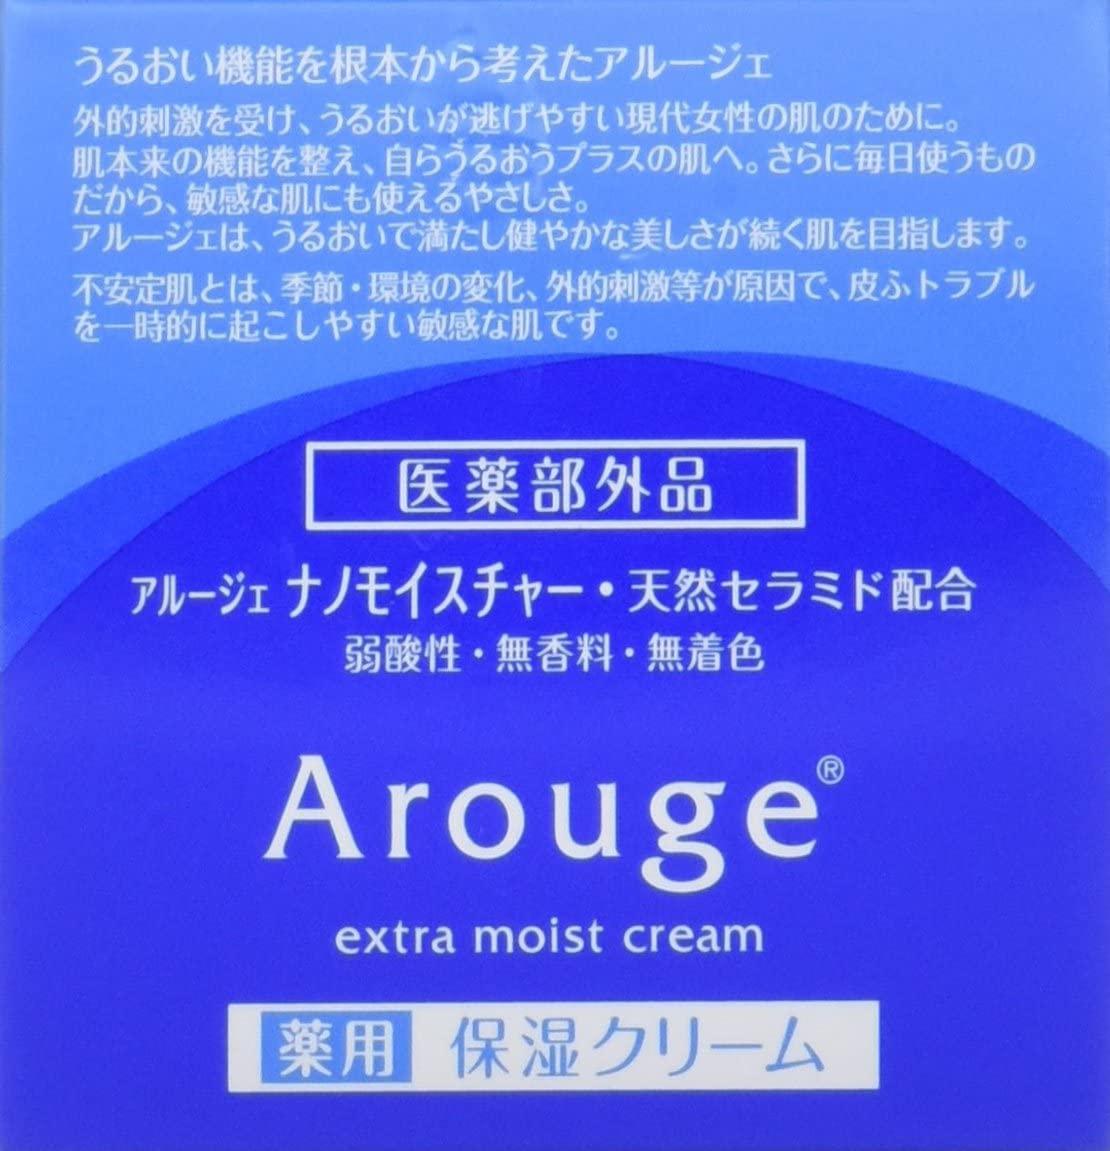 Arouge(アルージェ)エクストラ モイストクリーム (とてもしっとり)の商品画像7